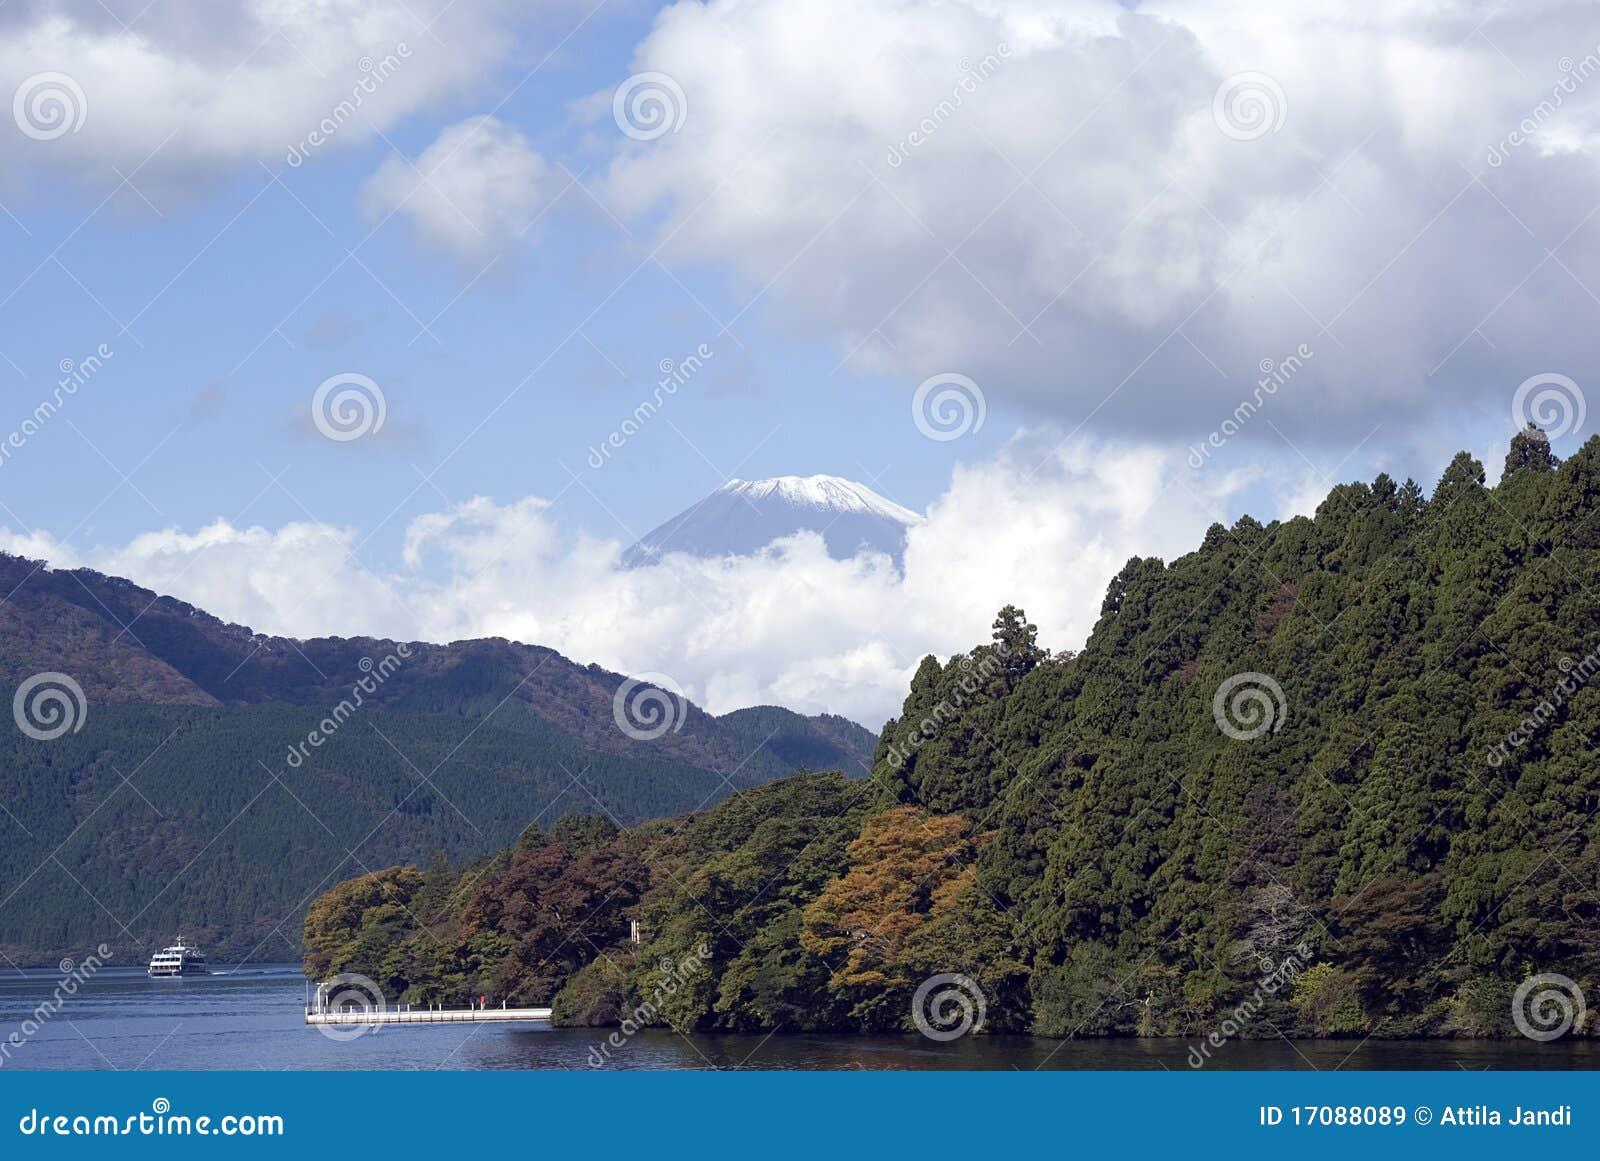 озеро mt fuji японии ashi